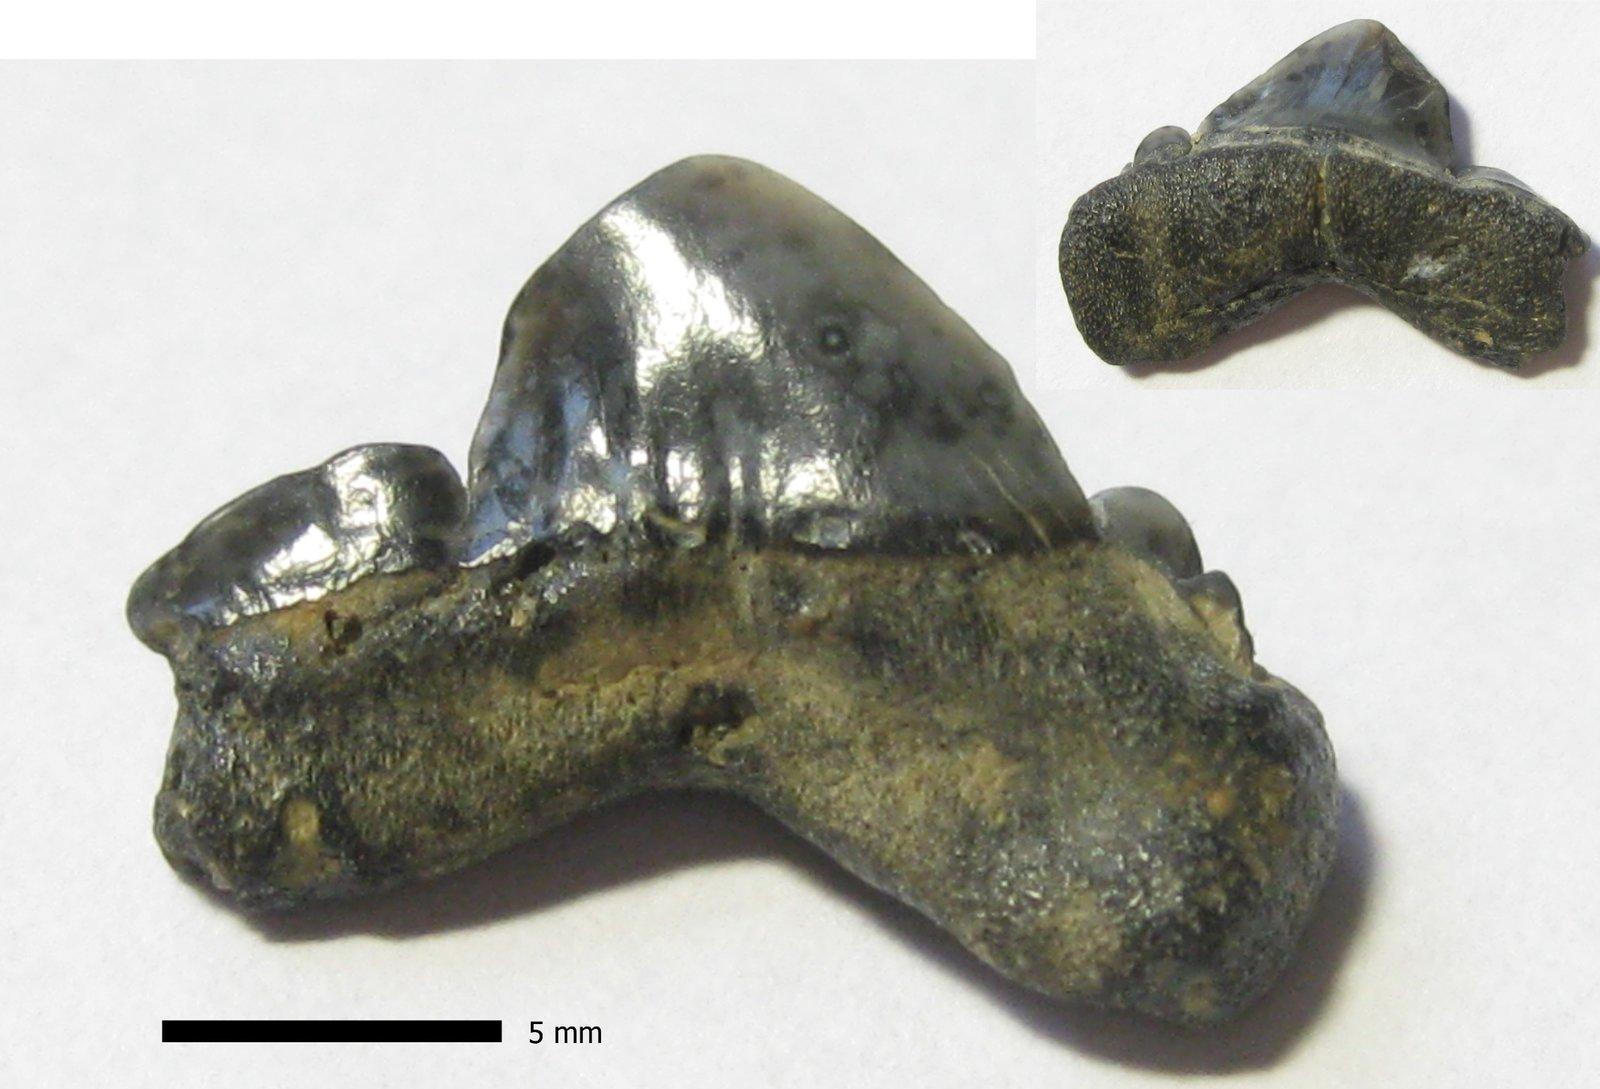 Striatolamia posterior